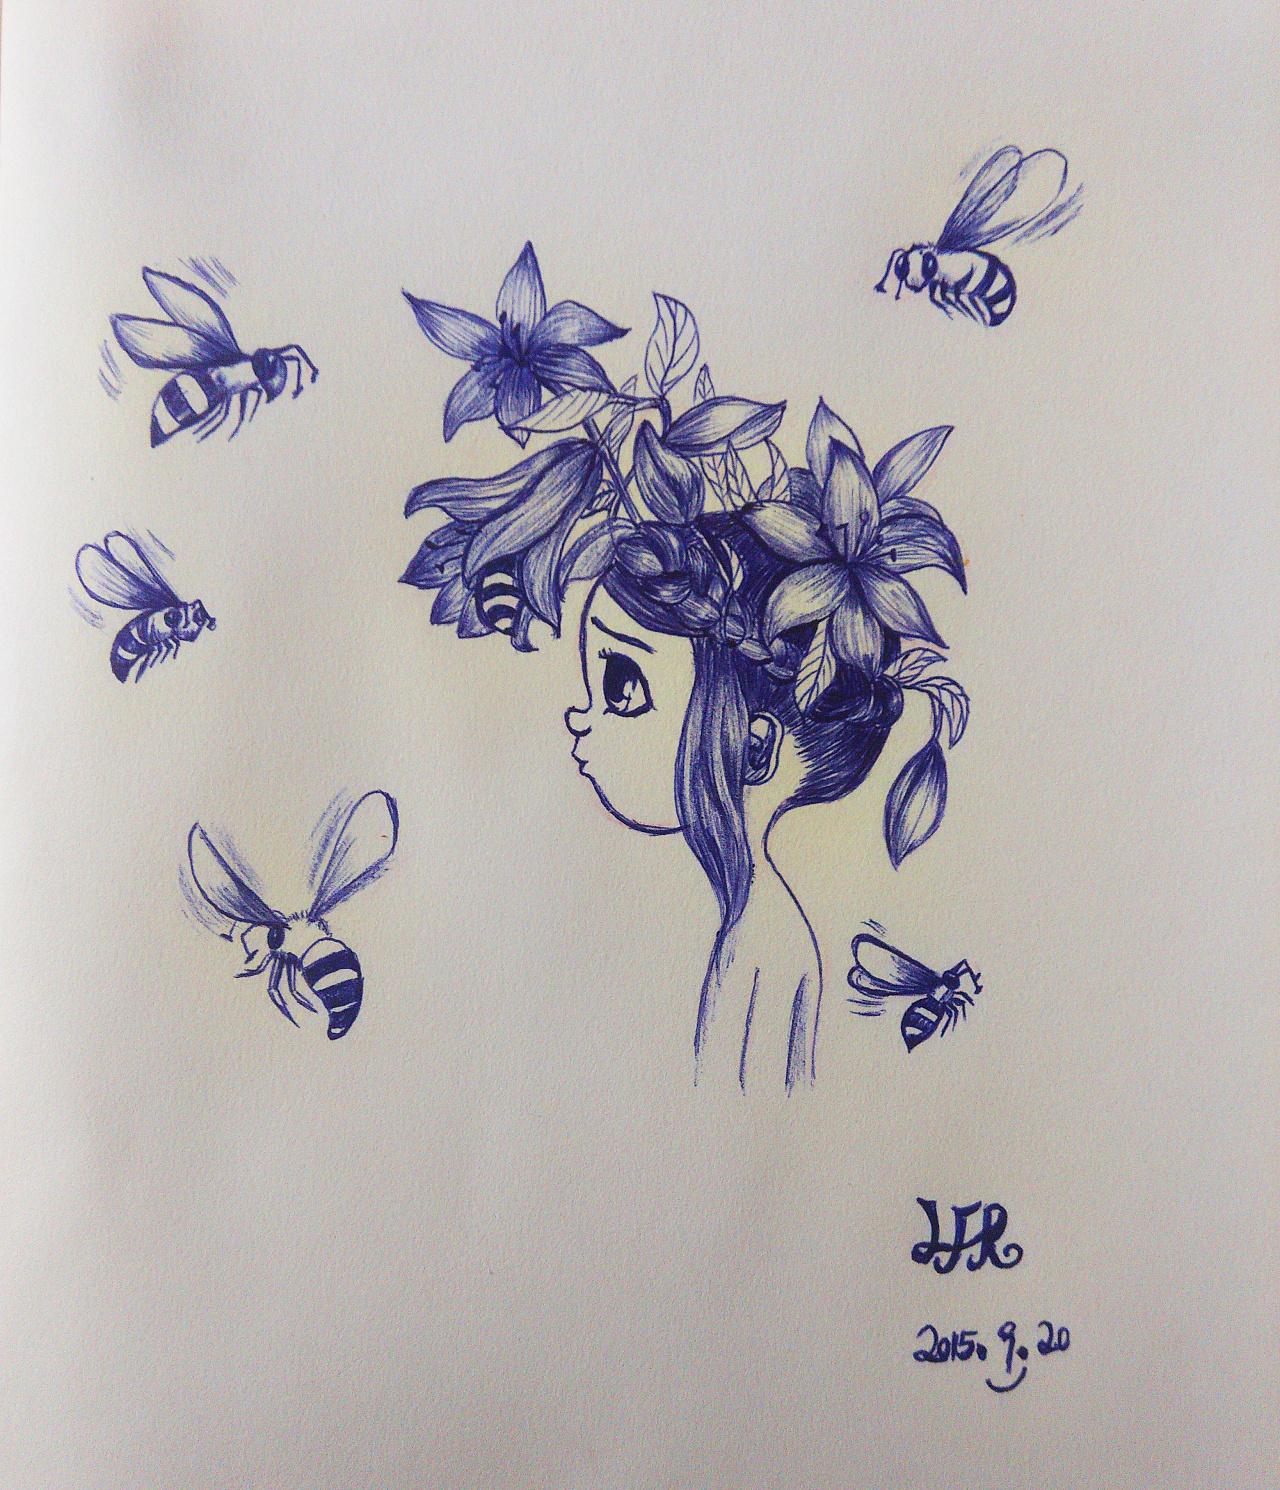 周末圆珠笔手绘临摹|插画|插画习作|风铃在思考